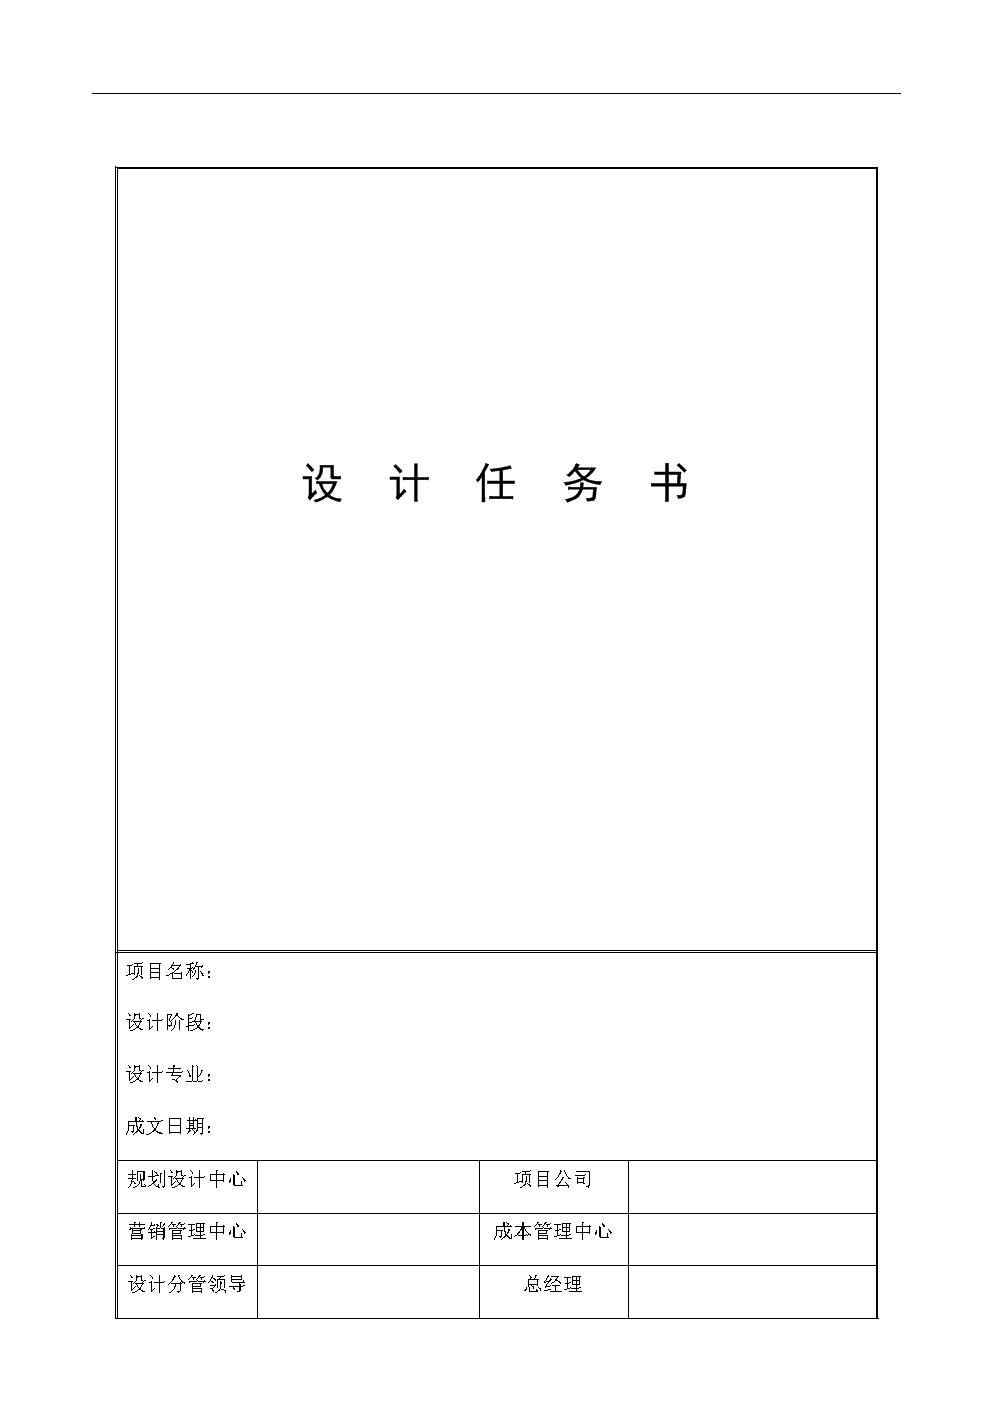 4-室内设计任务书-改.docx